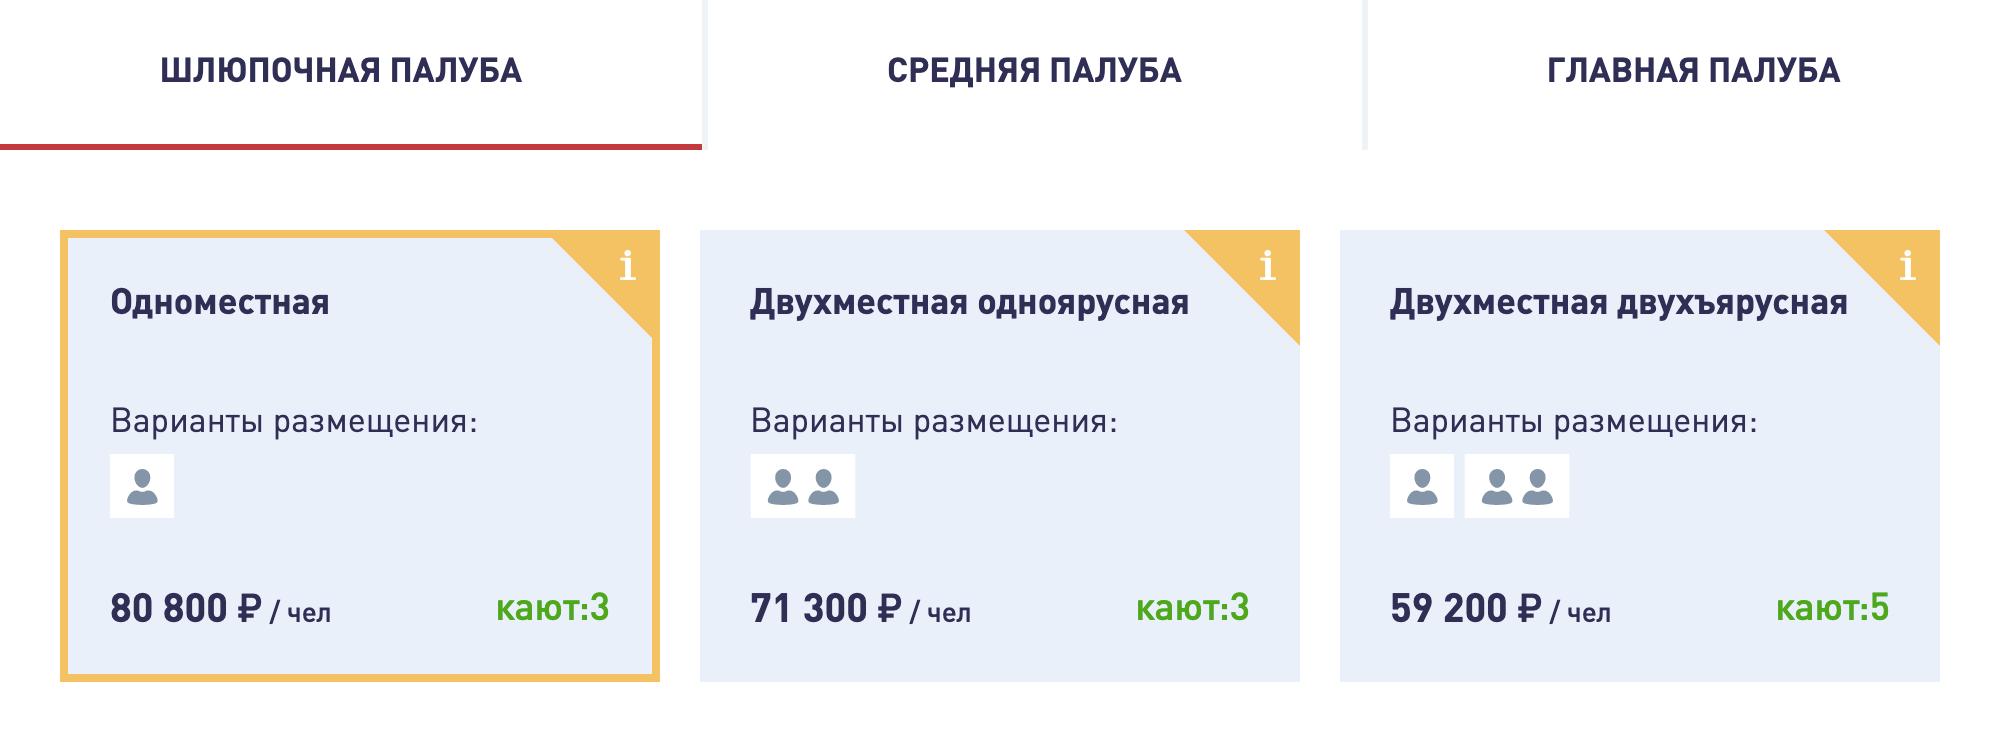 В июле 2020&nbsp;года есть круиз из Нижнего Новгорода в Пермь на теплоходе «Михаил Фрунзе». Цена билета варьируется от 59 200<span class=ruble>Р</span> до 80 800<span class=ruble>Р</span> в зависимости от каюты